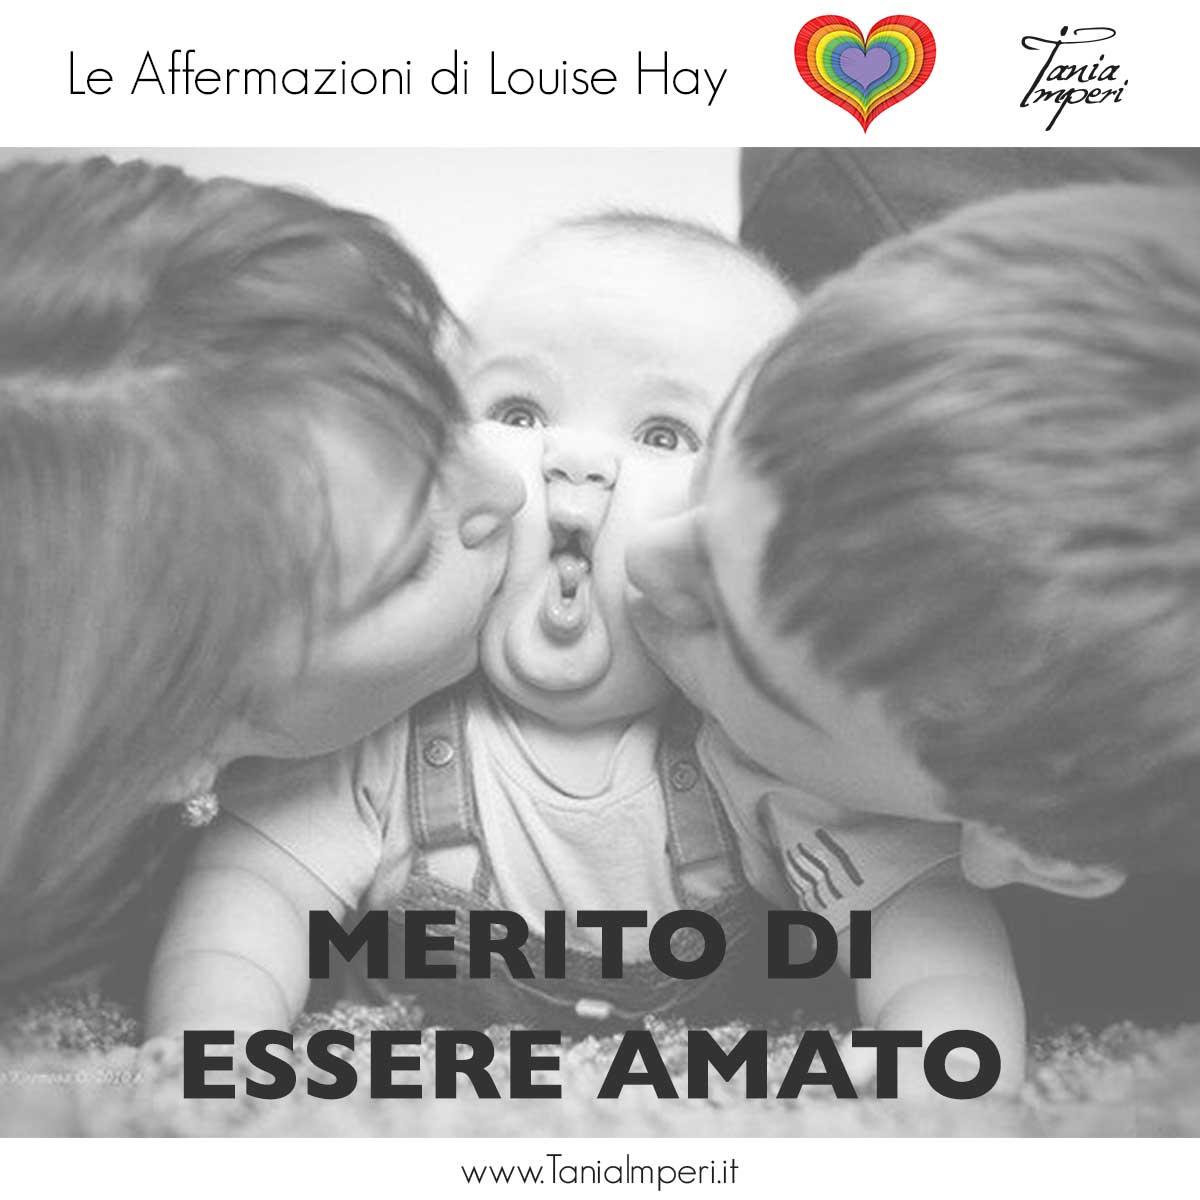 AFFERMAZIONI_LOUISE_HAY_TANIA_IMPERI_45_MERITO_DI_ESSERE_AMATO-06nov2017